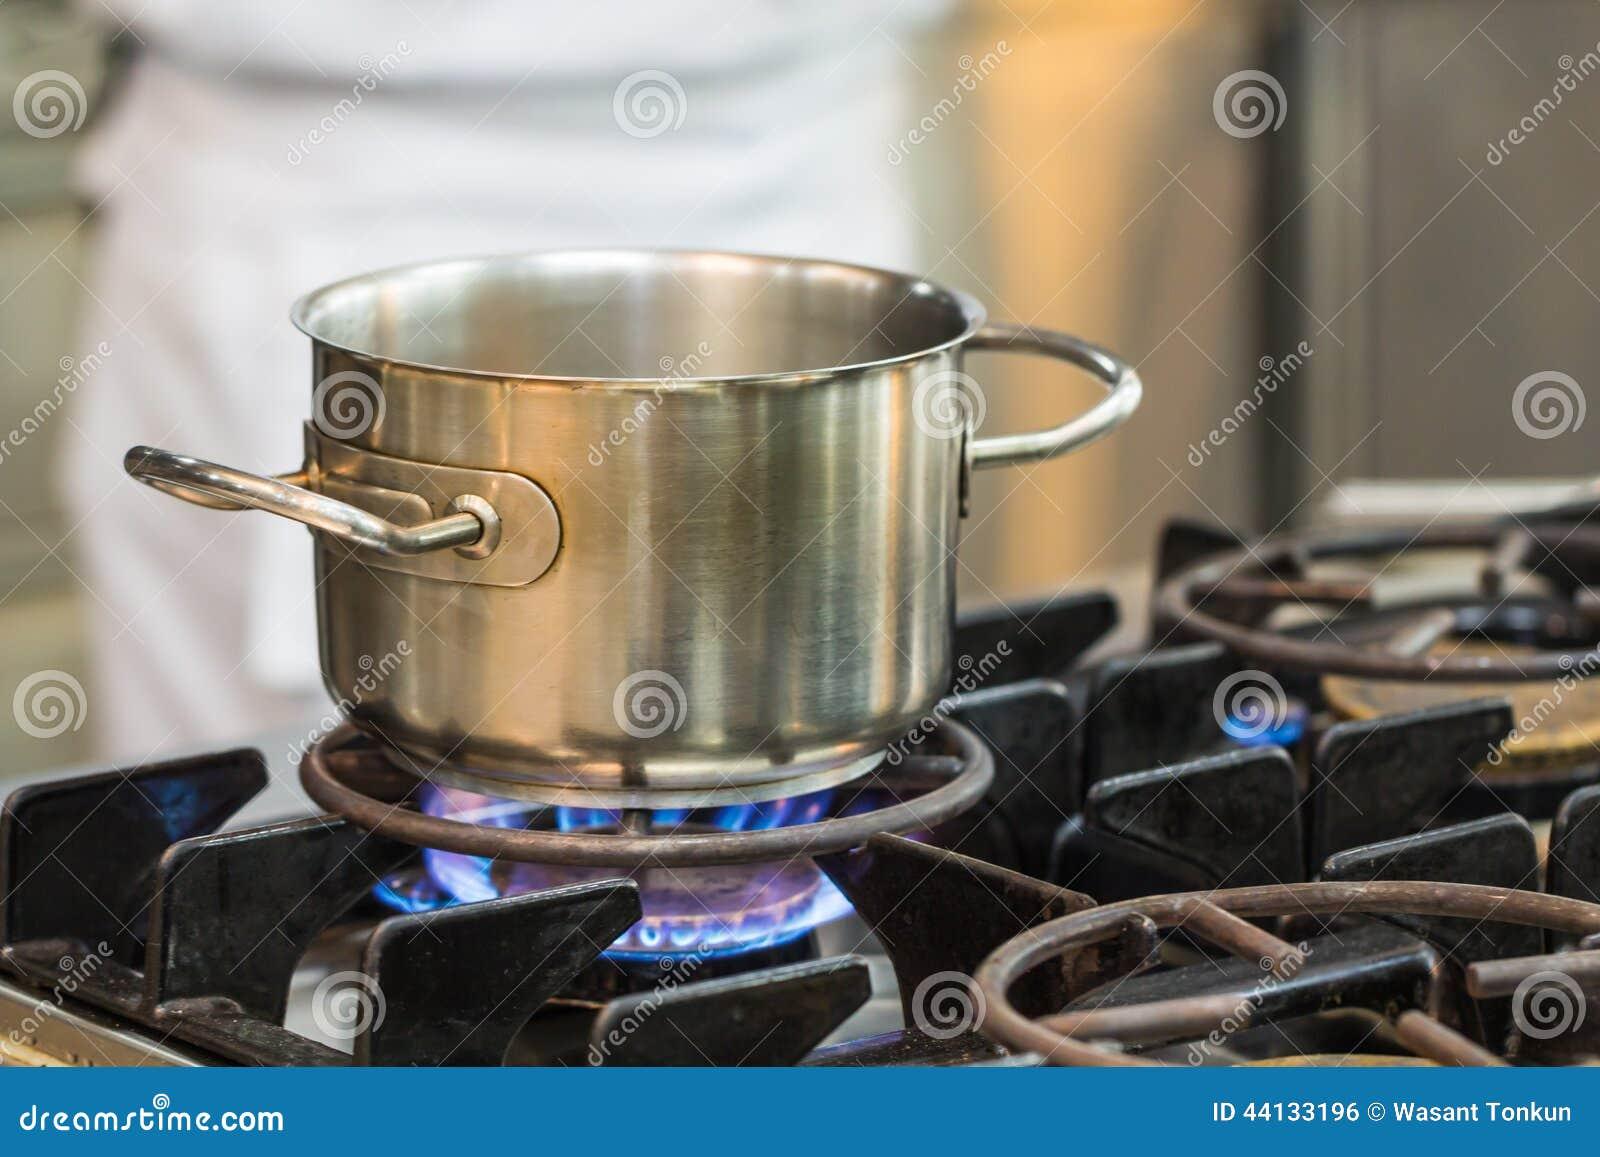 El cocinar inoxidable del pote